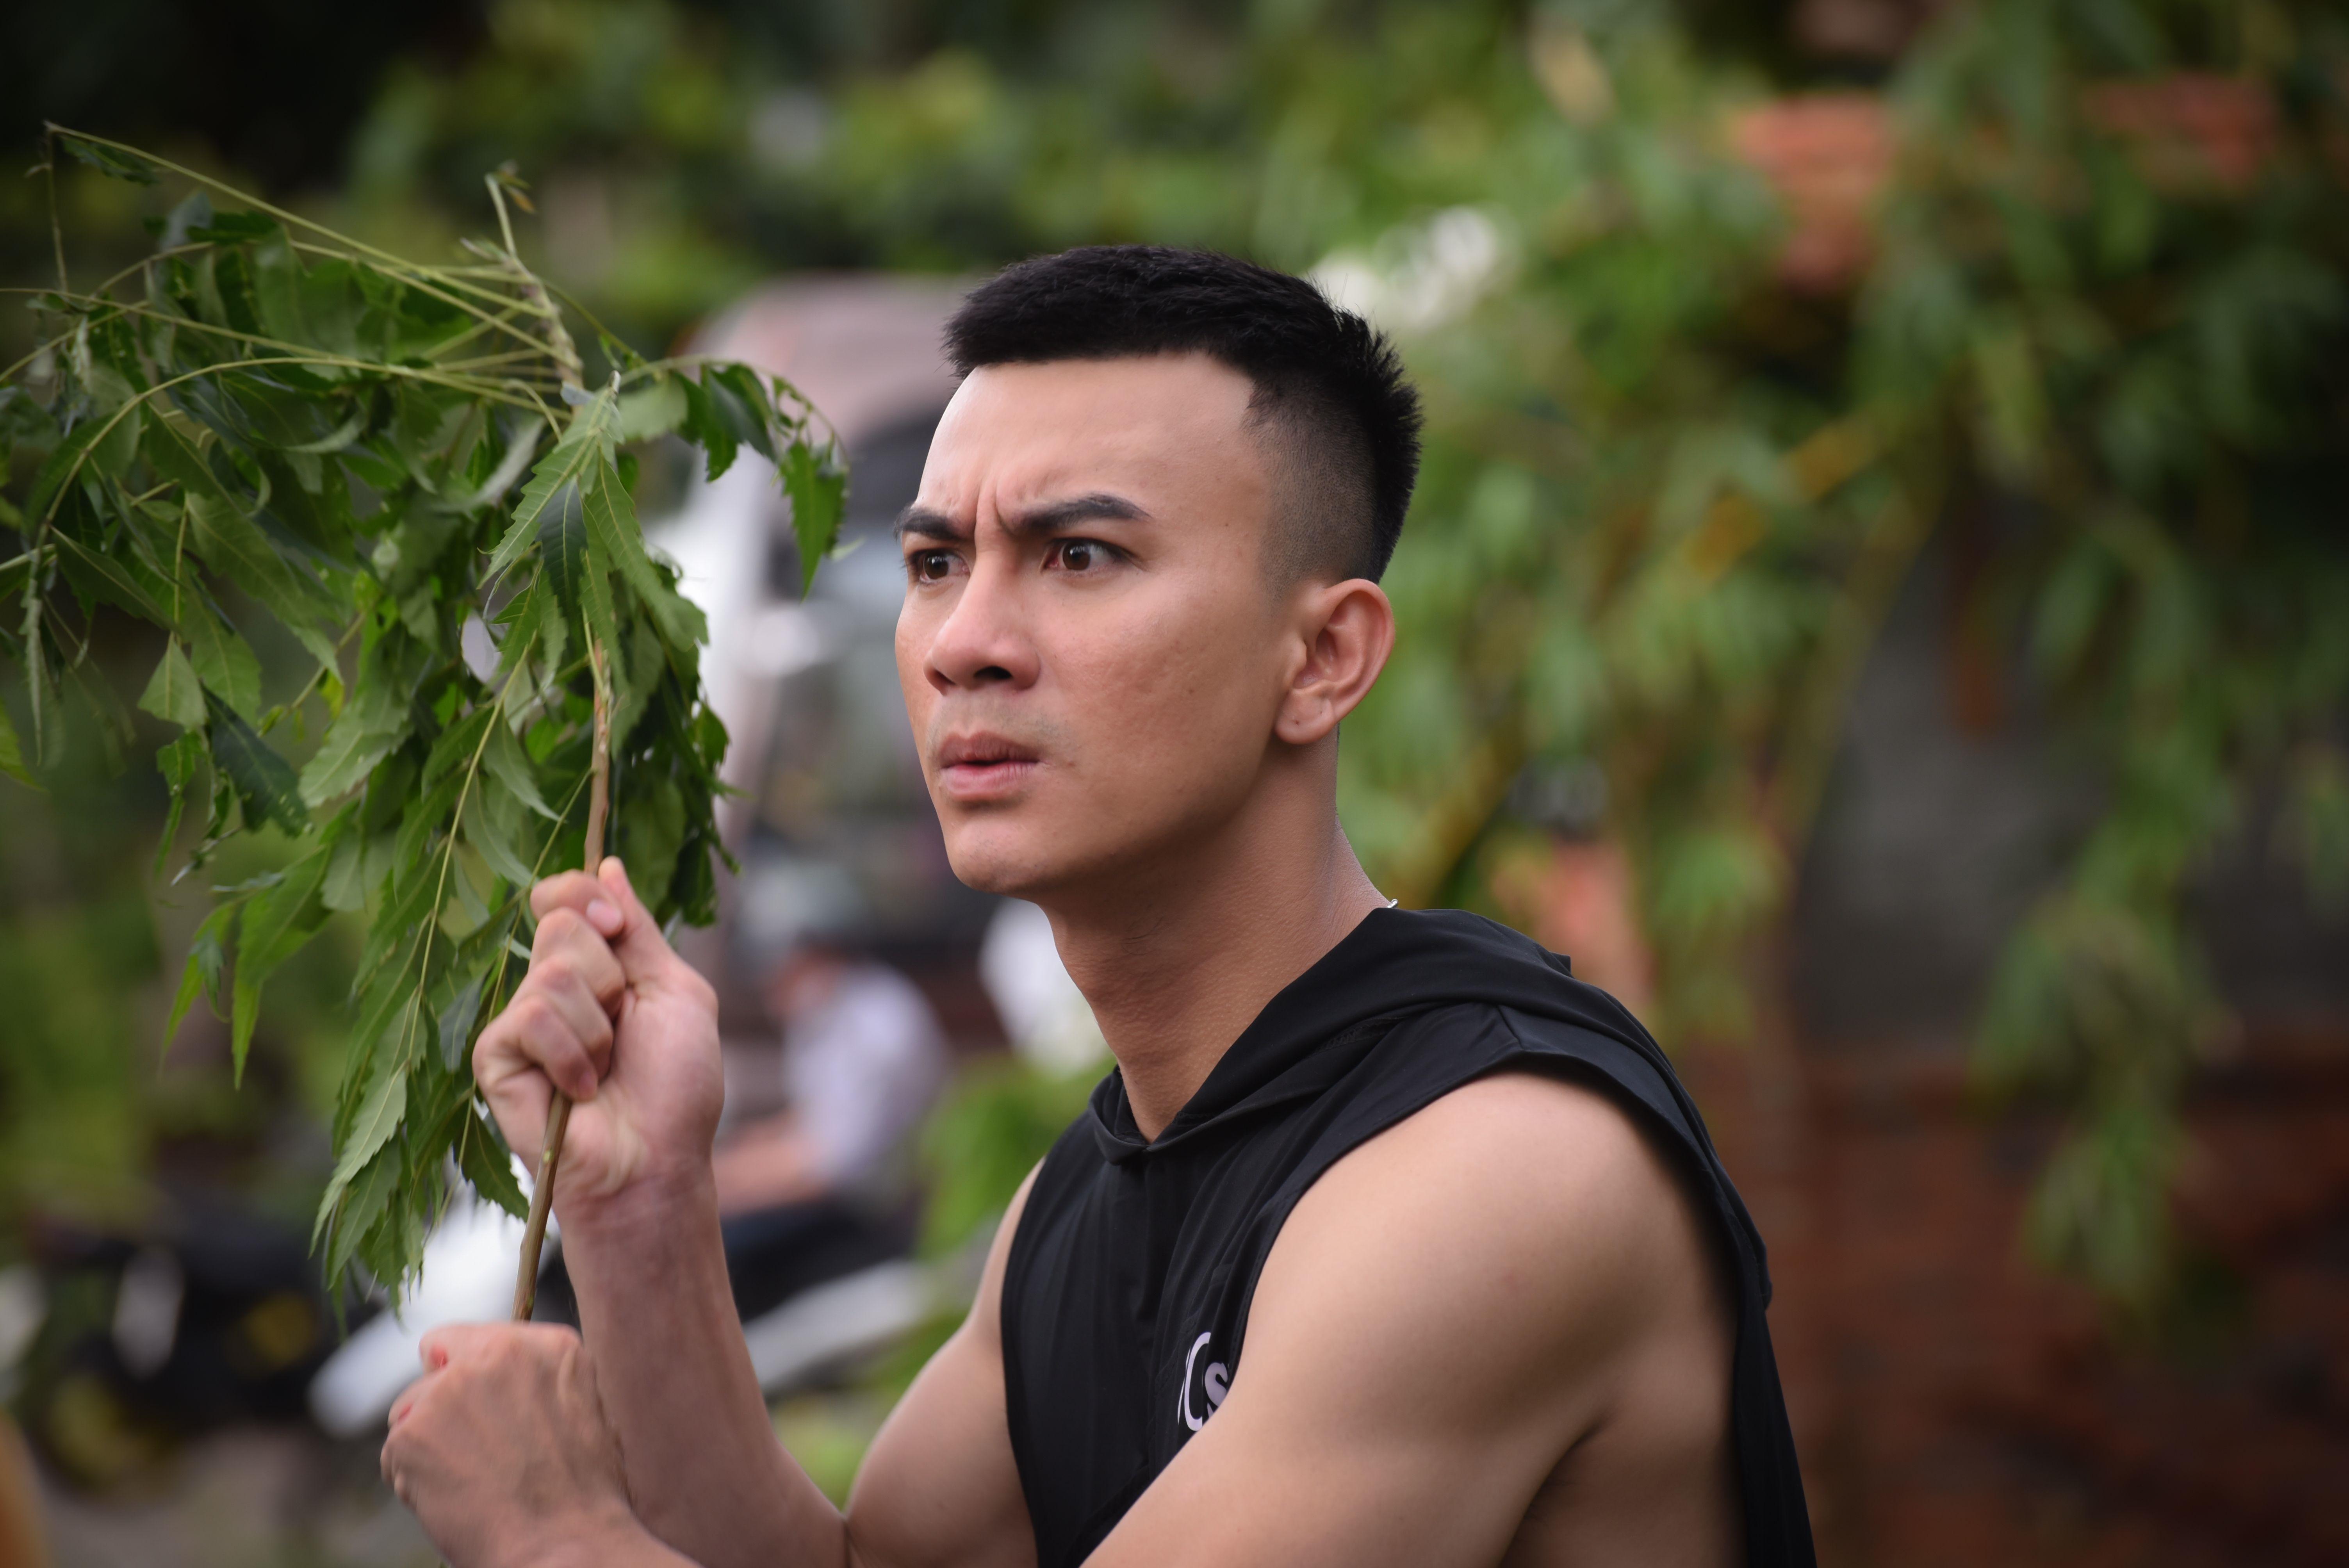 Lê Dương Bảo Lâm cùng soái ca bolero Dương Cường xuất hiện trong trailer phim du hành thời gian mới của việt nam - Hình 1